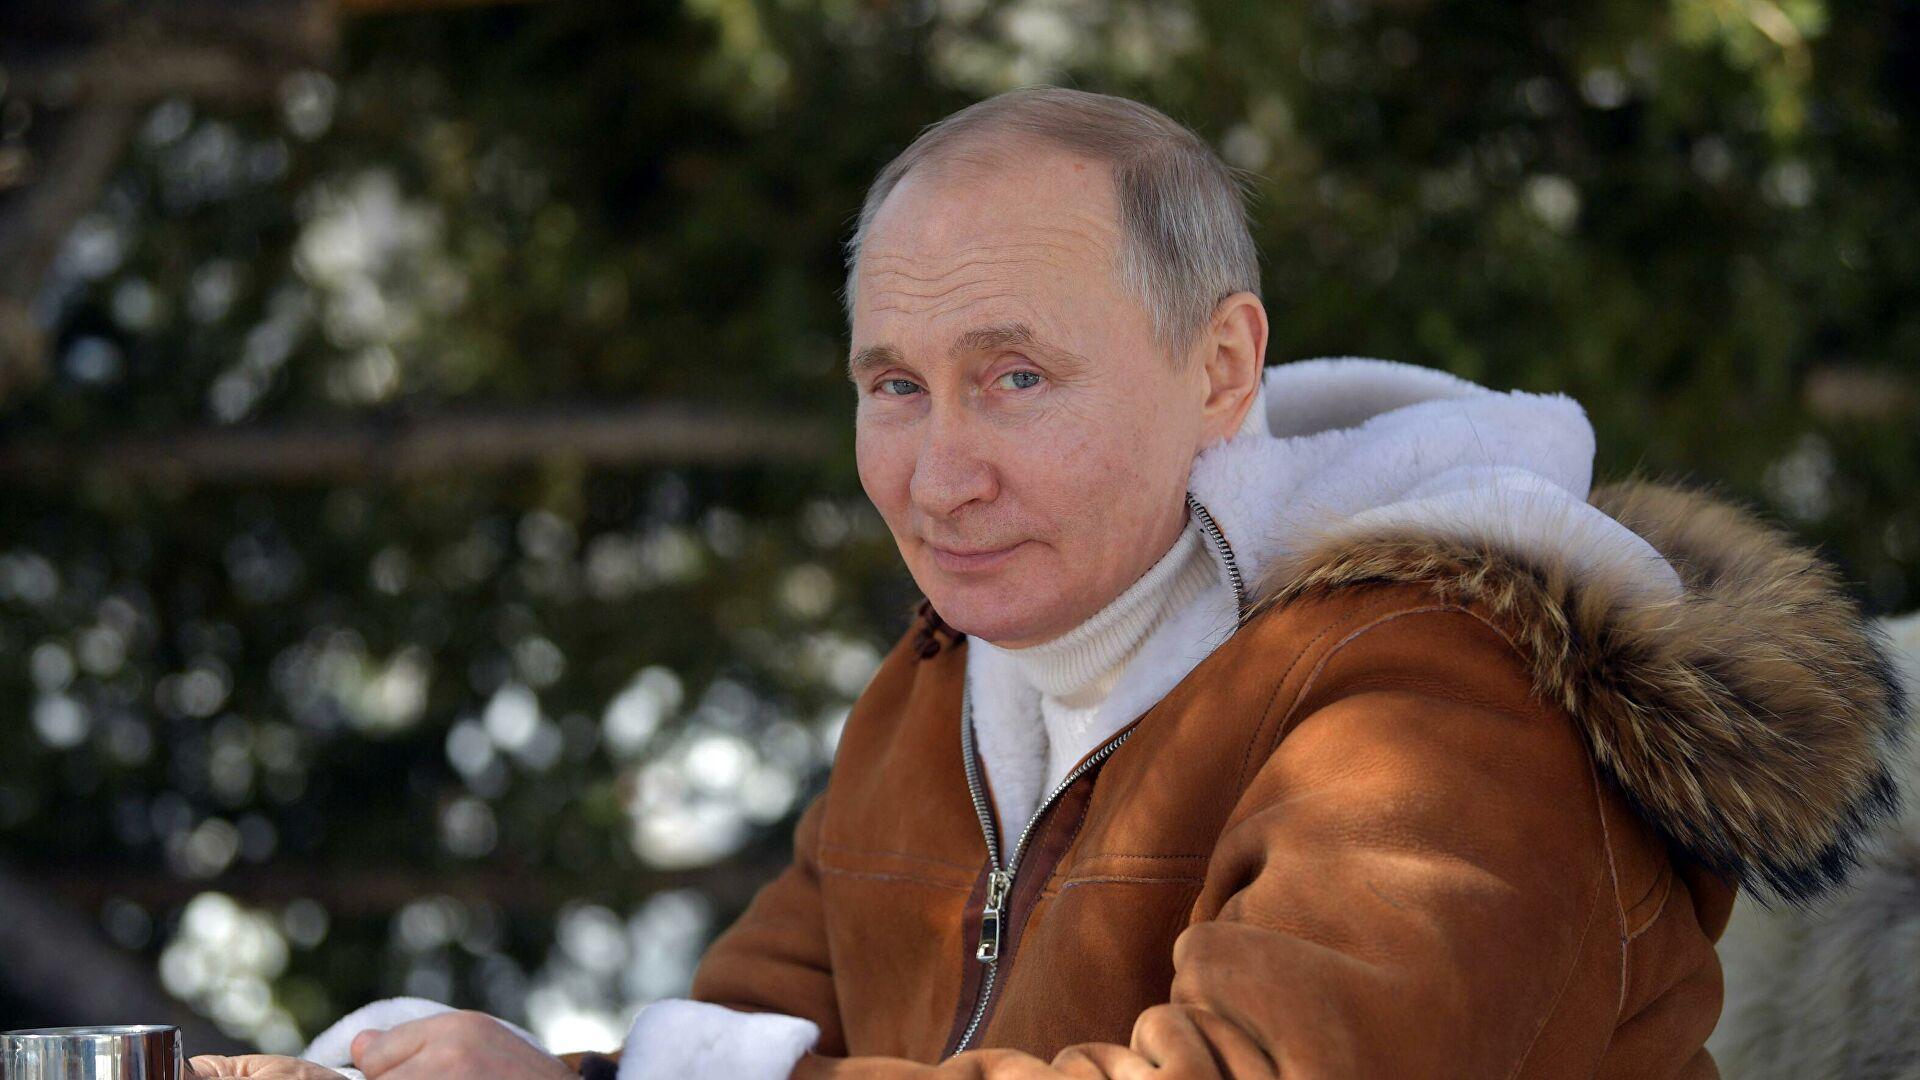 Песков: Председник увек остао присталица добрих односа са свим државама